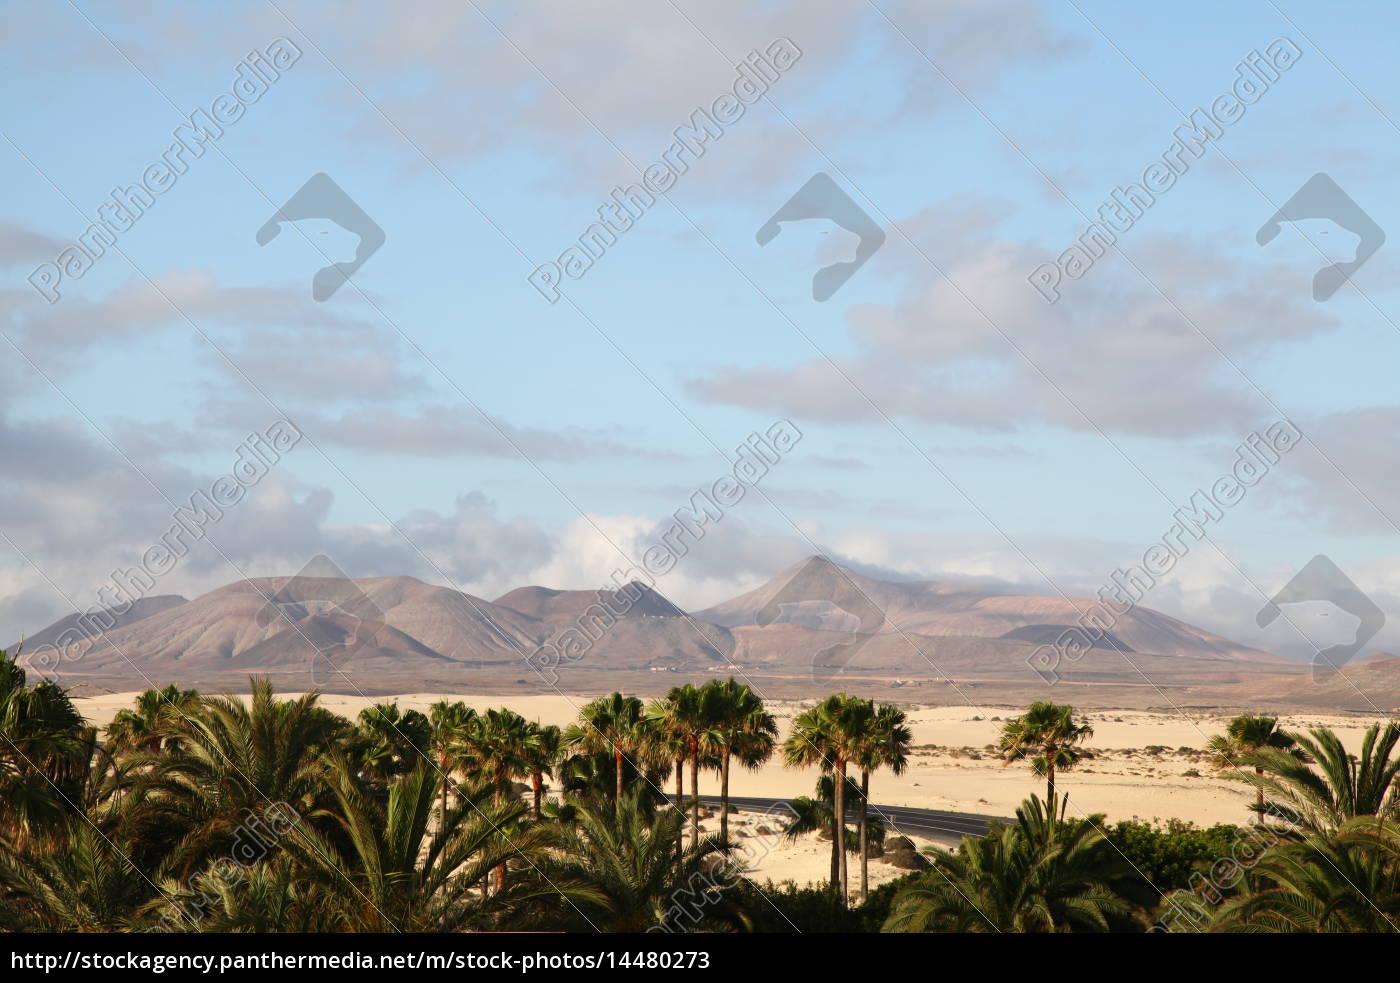 Fuerteventura, Kanarischen Inseln, Kanaren, Insel, Urlaub, Reise - 14480273